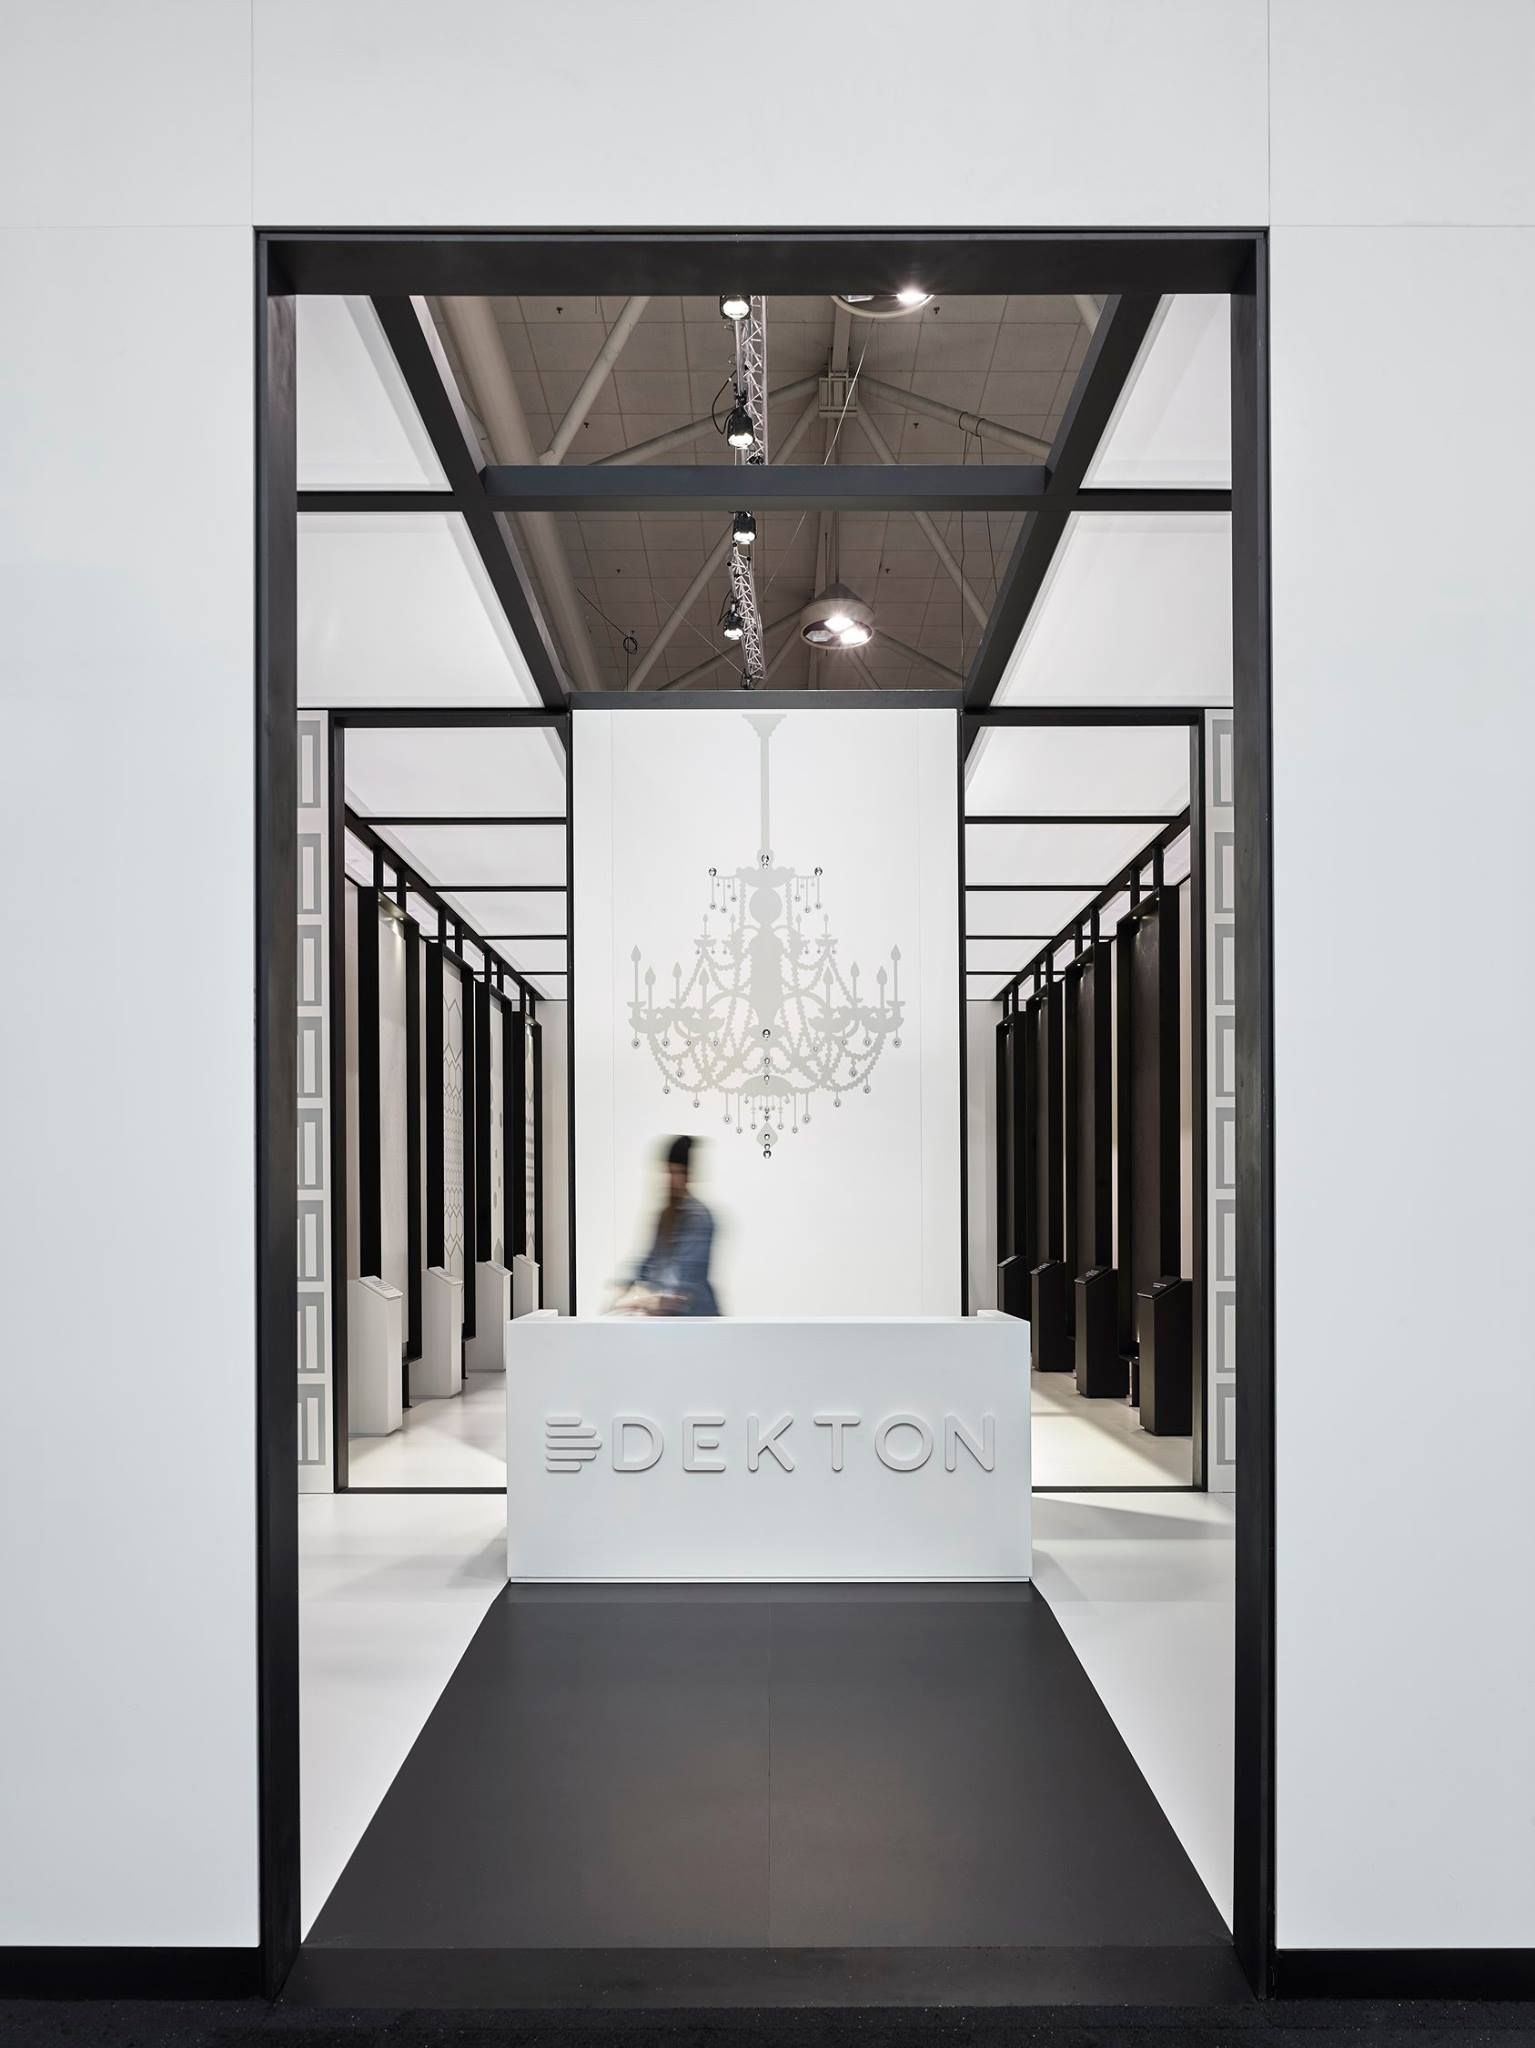 Dekton at the Interior Design Show in Toronto Grupo Cosentino is